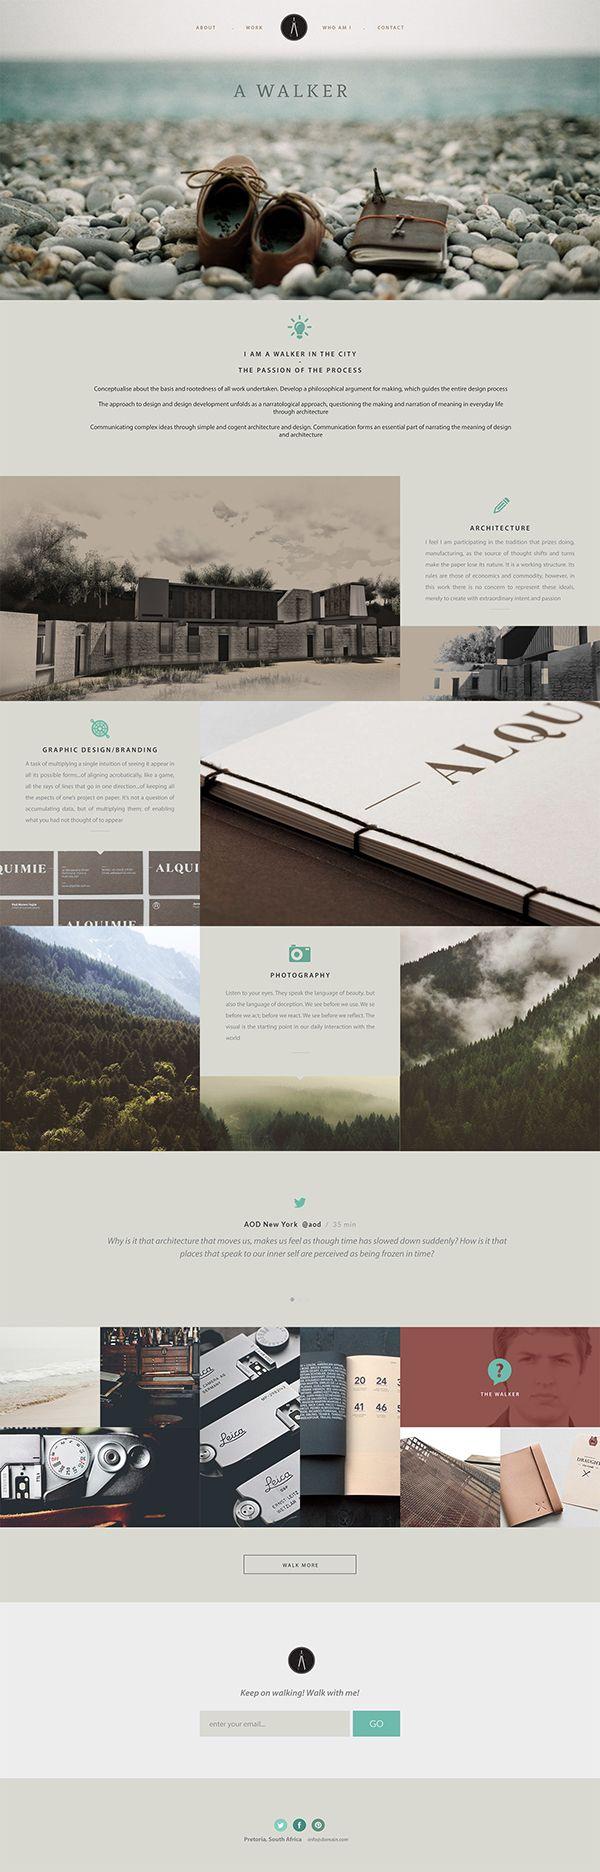 A Walker - Architecture Portfolio Web Brand on Behance